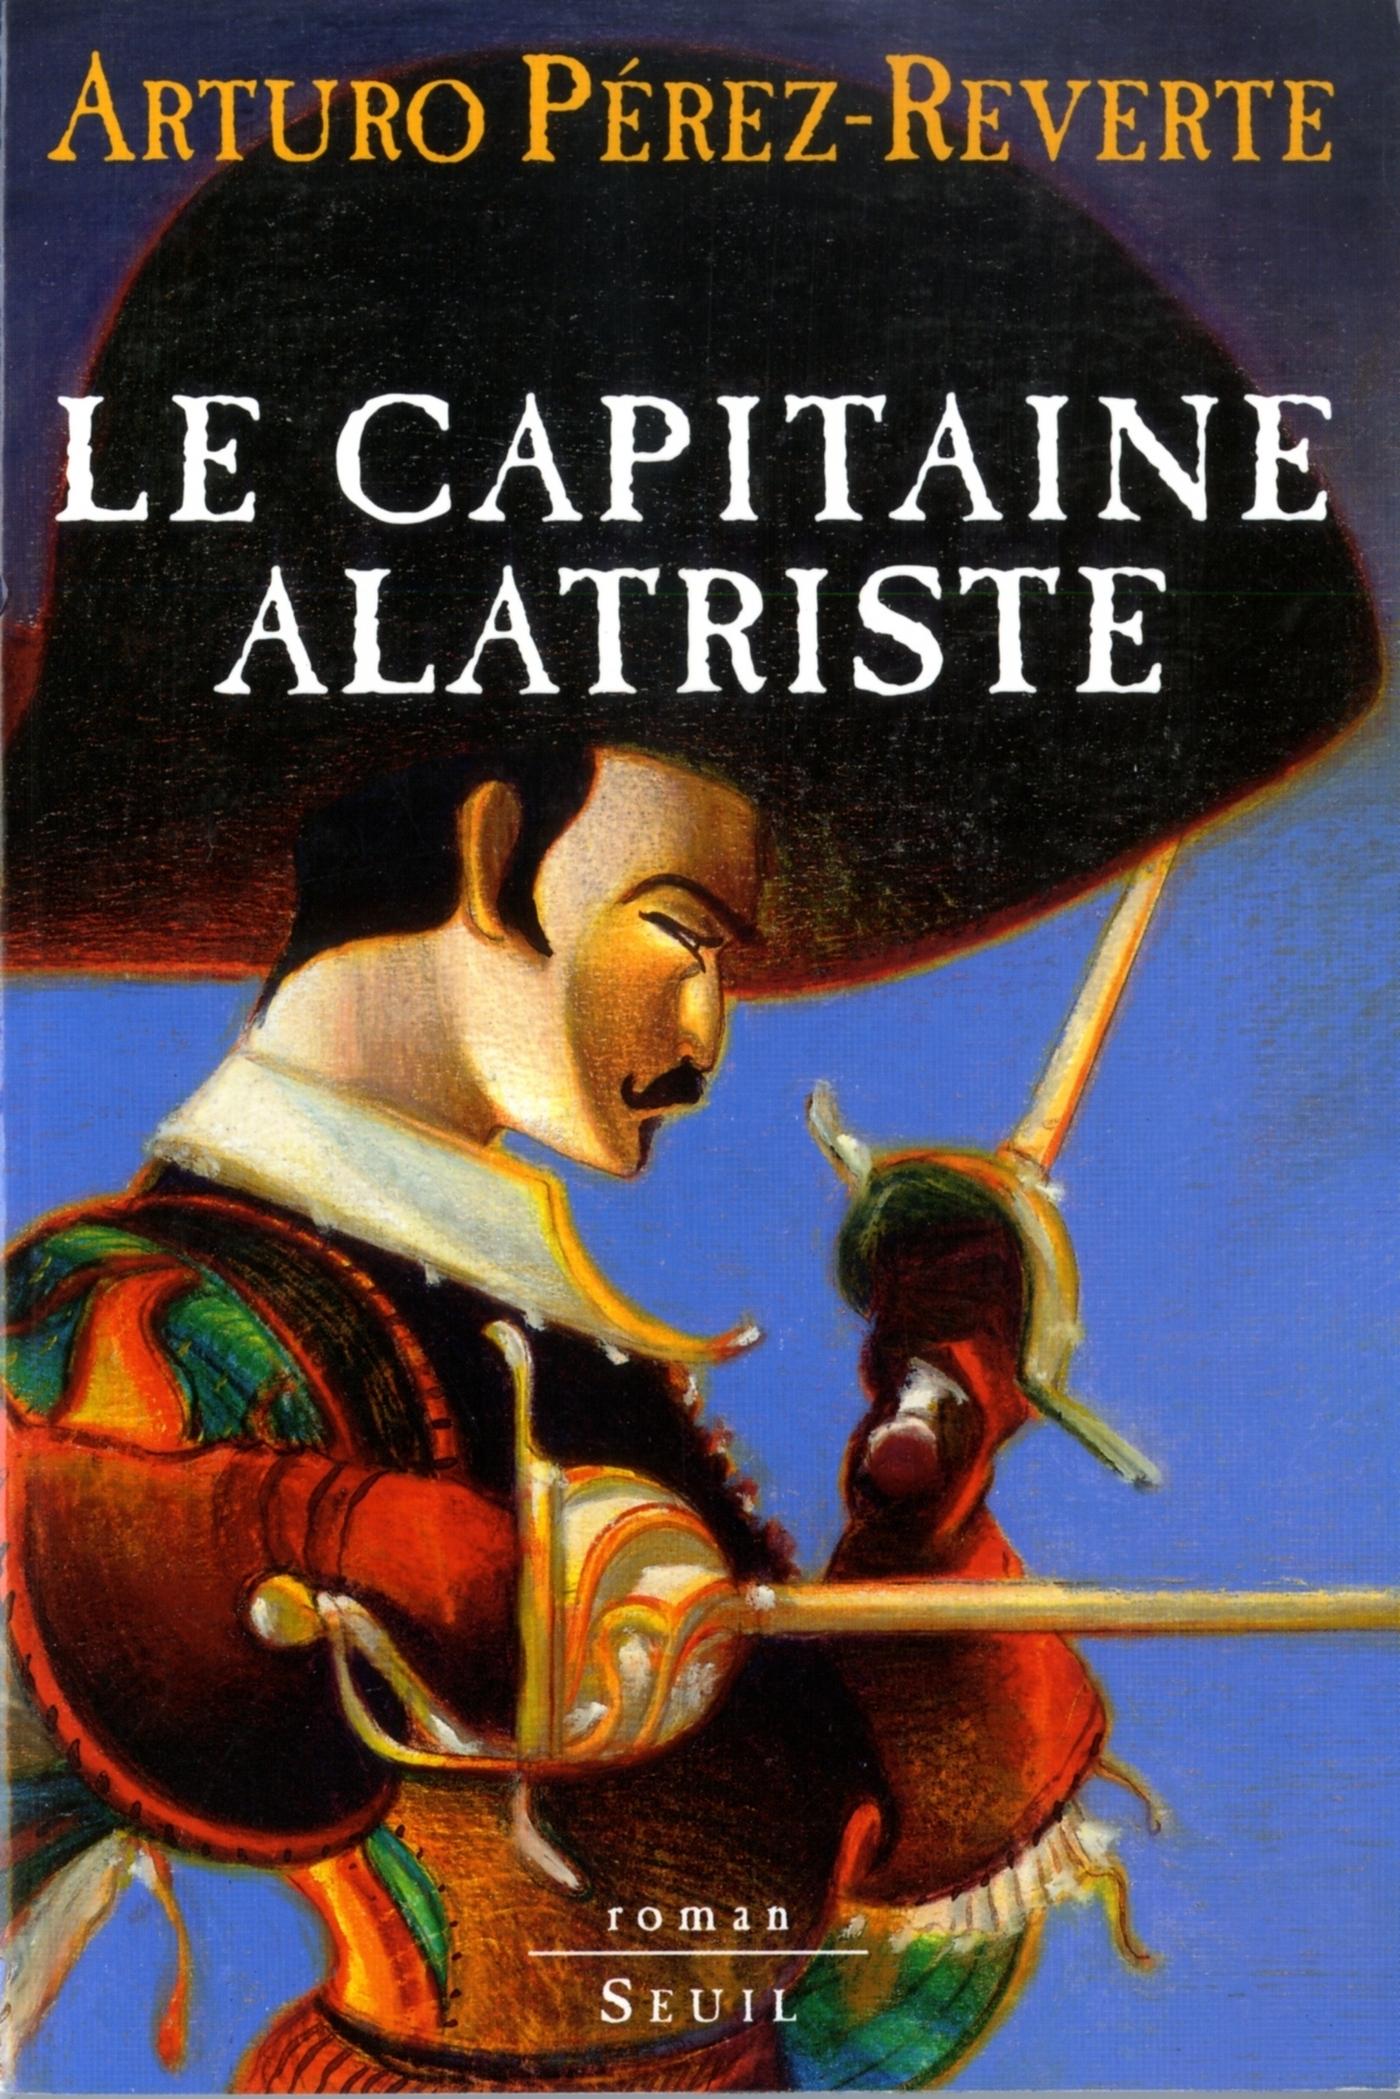 Le Capitaine Alatriste, Les Aventures du Capitaine Alatriste, t. 1